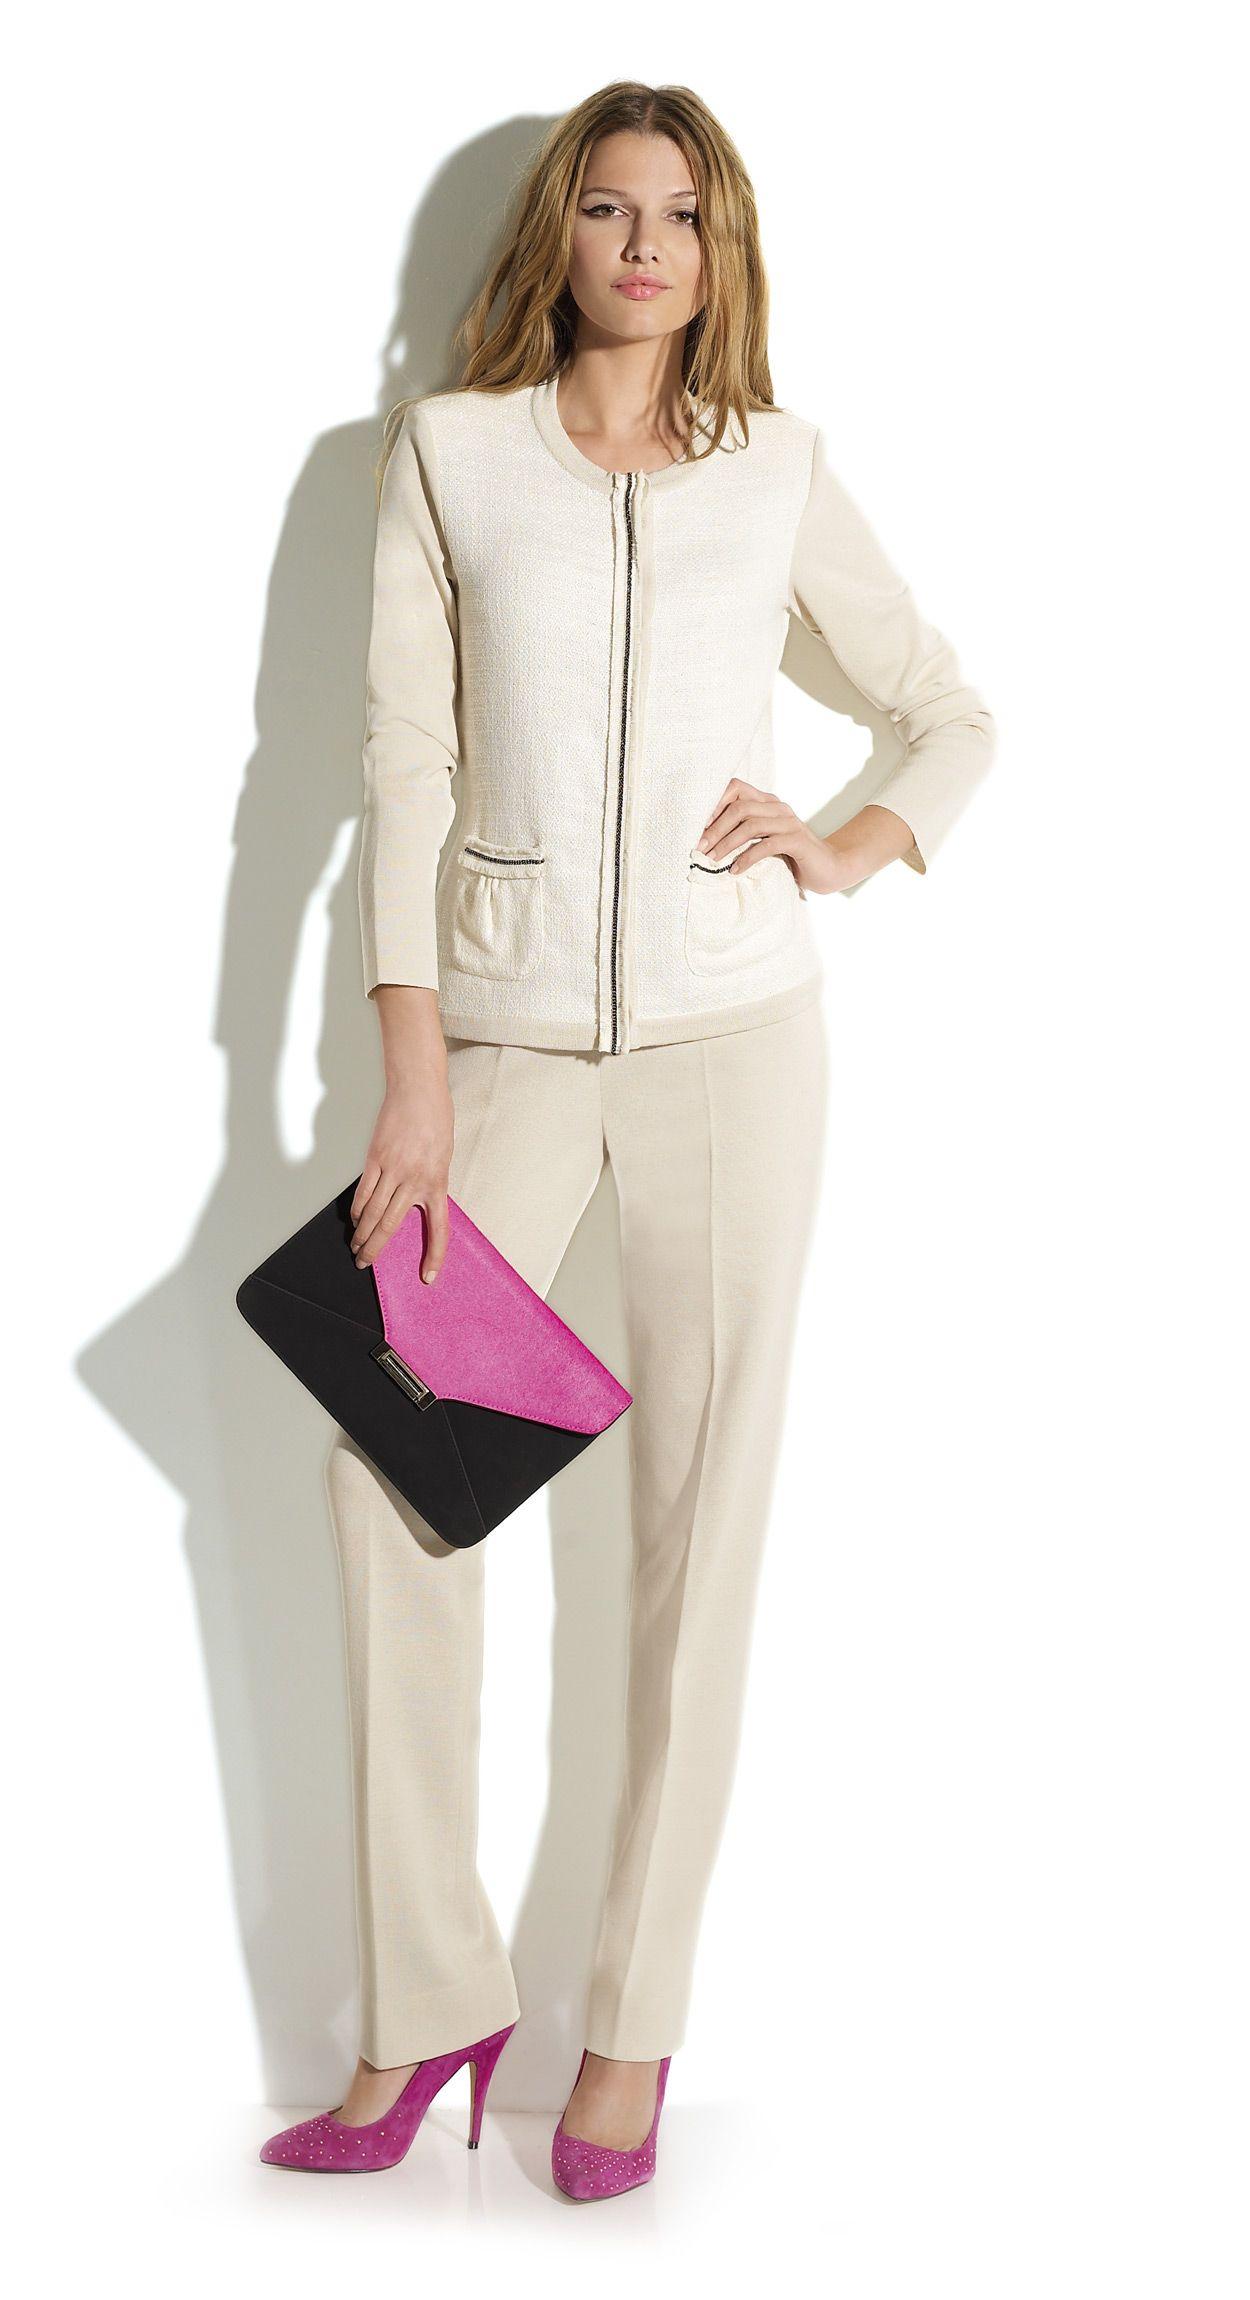 c3087f41e7251 Conjunto de pantalón y chaqueta color beige y estilo Chanel.  Naulover   Moda  ModaMujer  Fashion